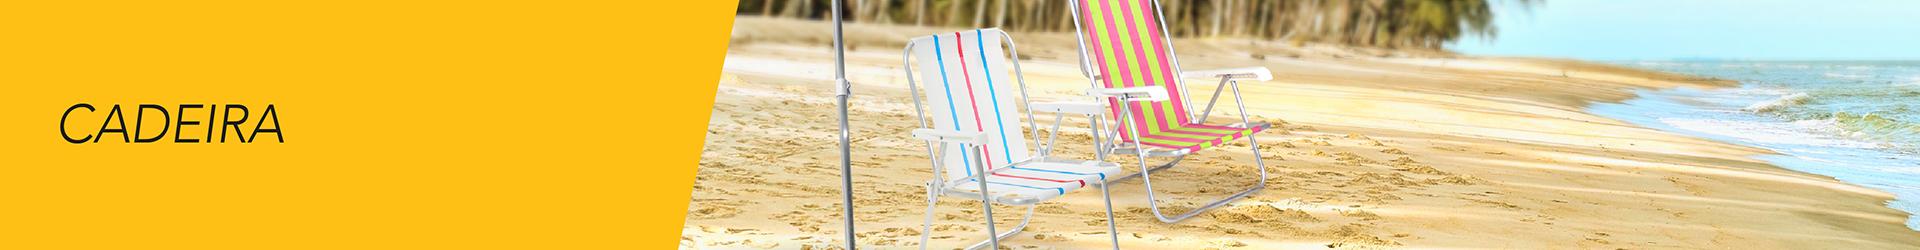 Verão | Cadeira | Desktop